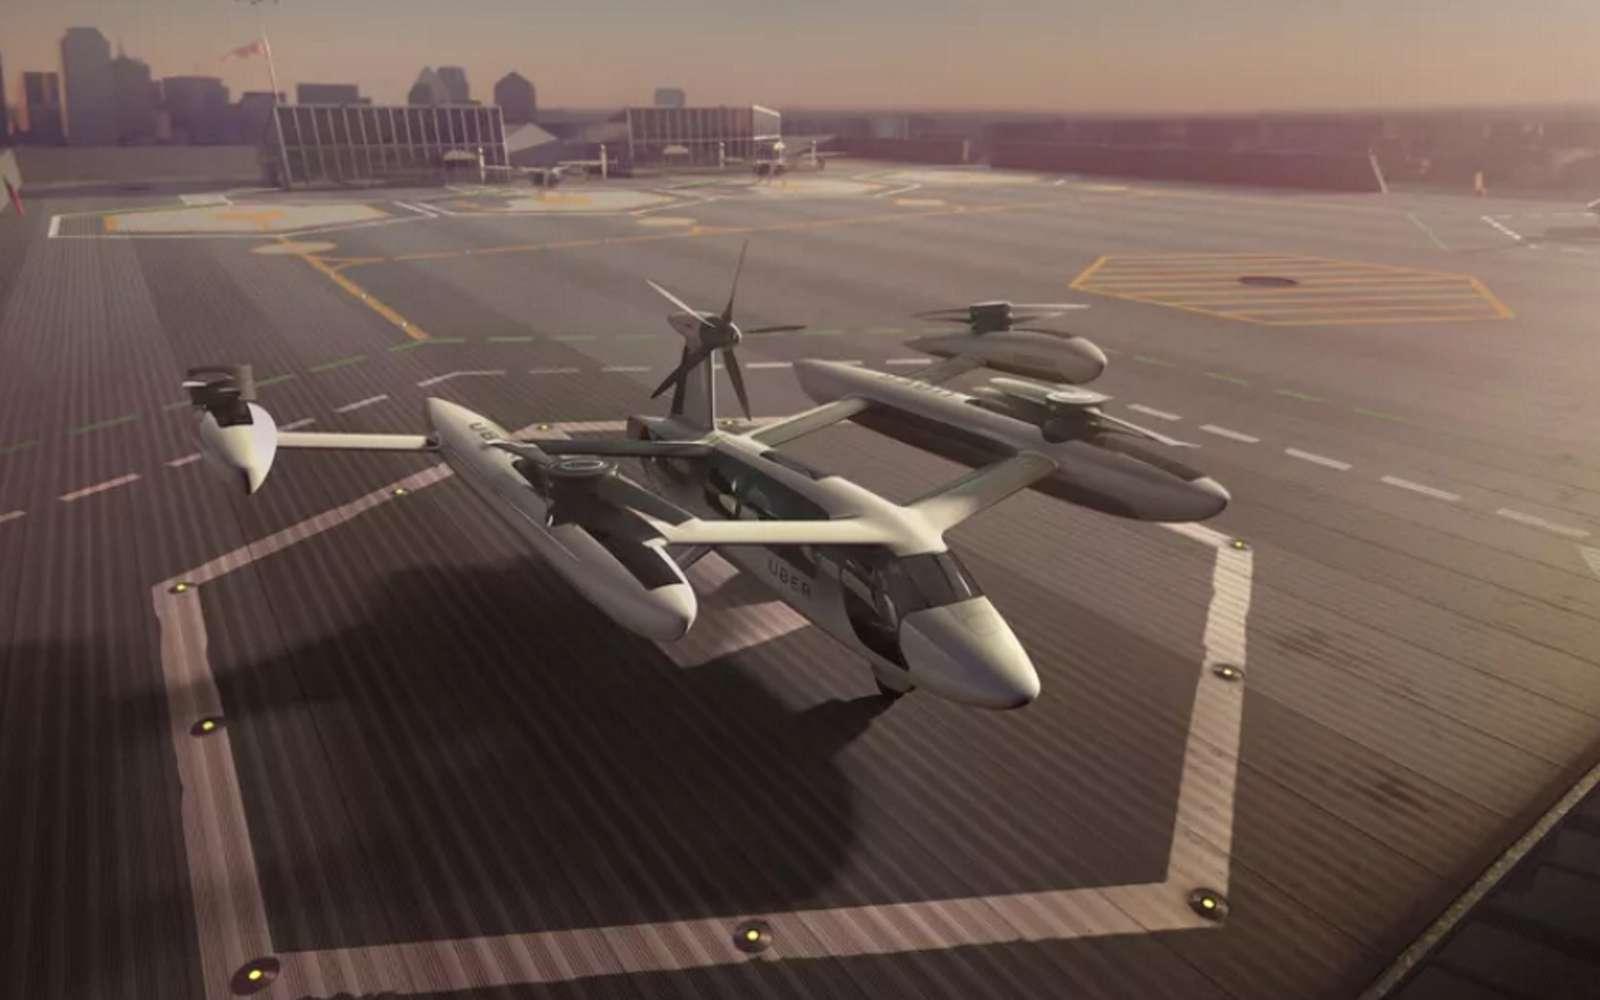 Uber Air compte faire voler des drones taxis à partir de plateformes baptisées « skyports » et situées sur des toits d'immeubles. C'est à partir de ces plateformes que les drones livreurs de repas devraient décoller. © Uber